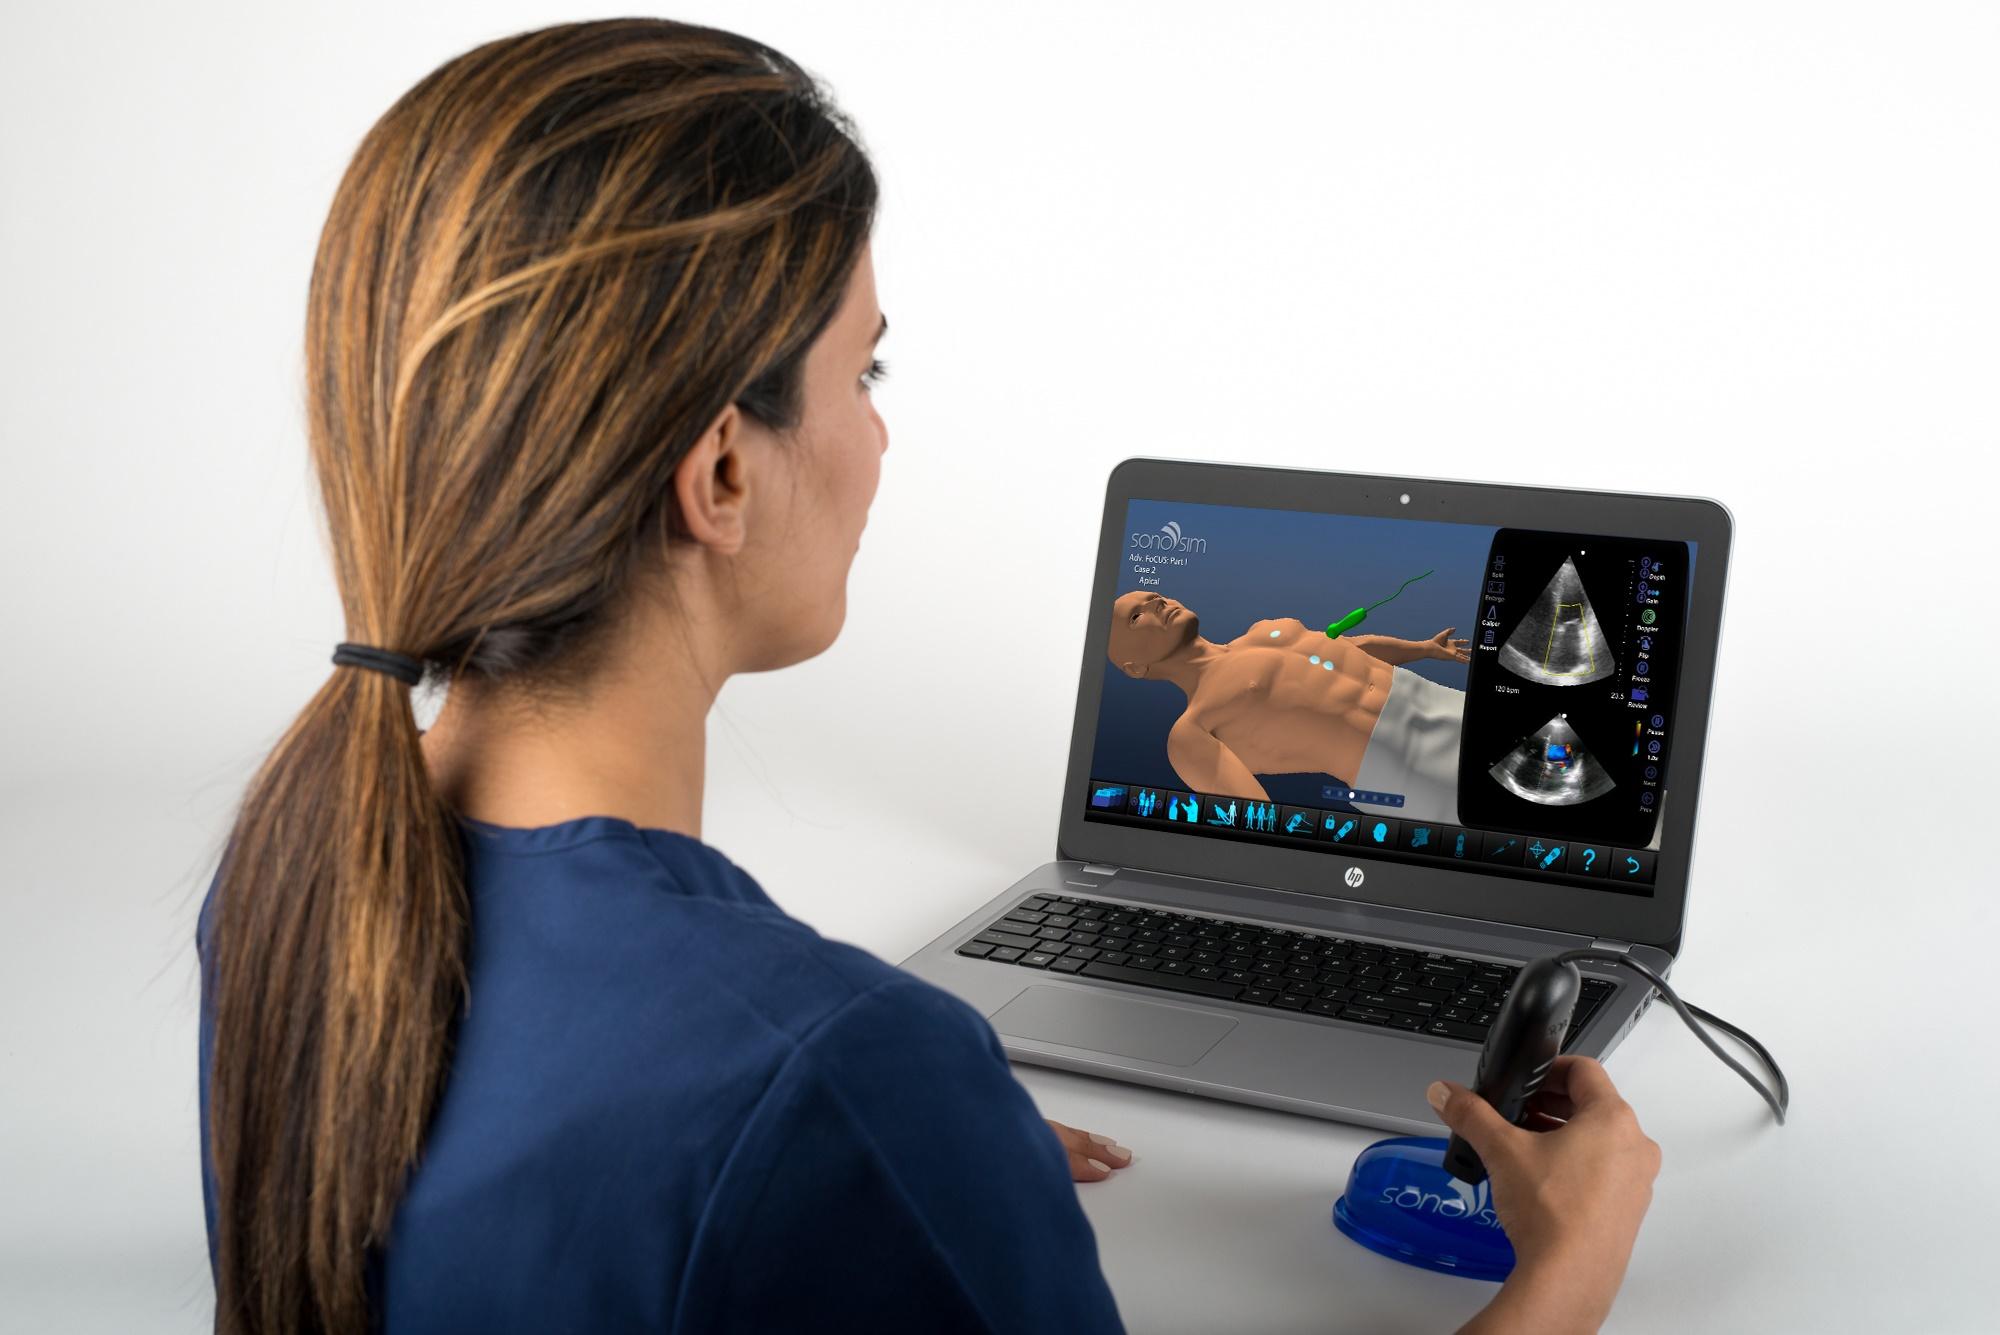 Sonosim escenarios para entrrenamiento en ultrasonido